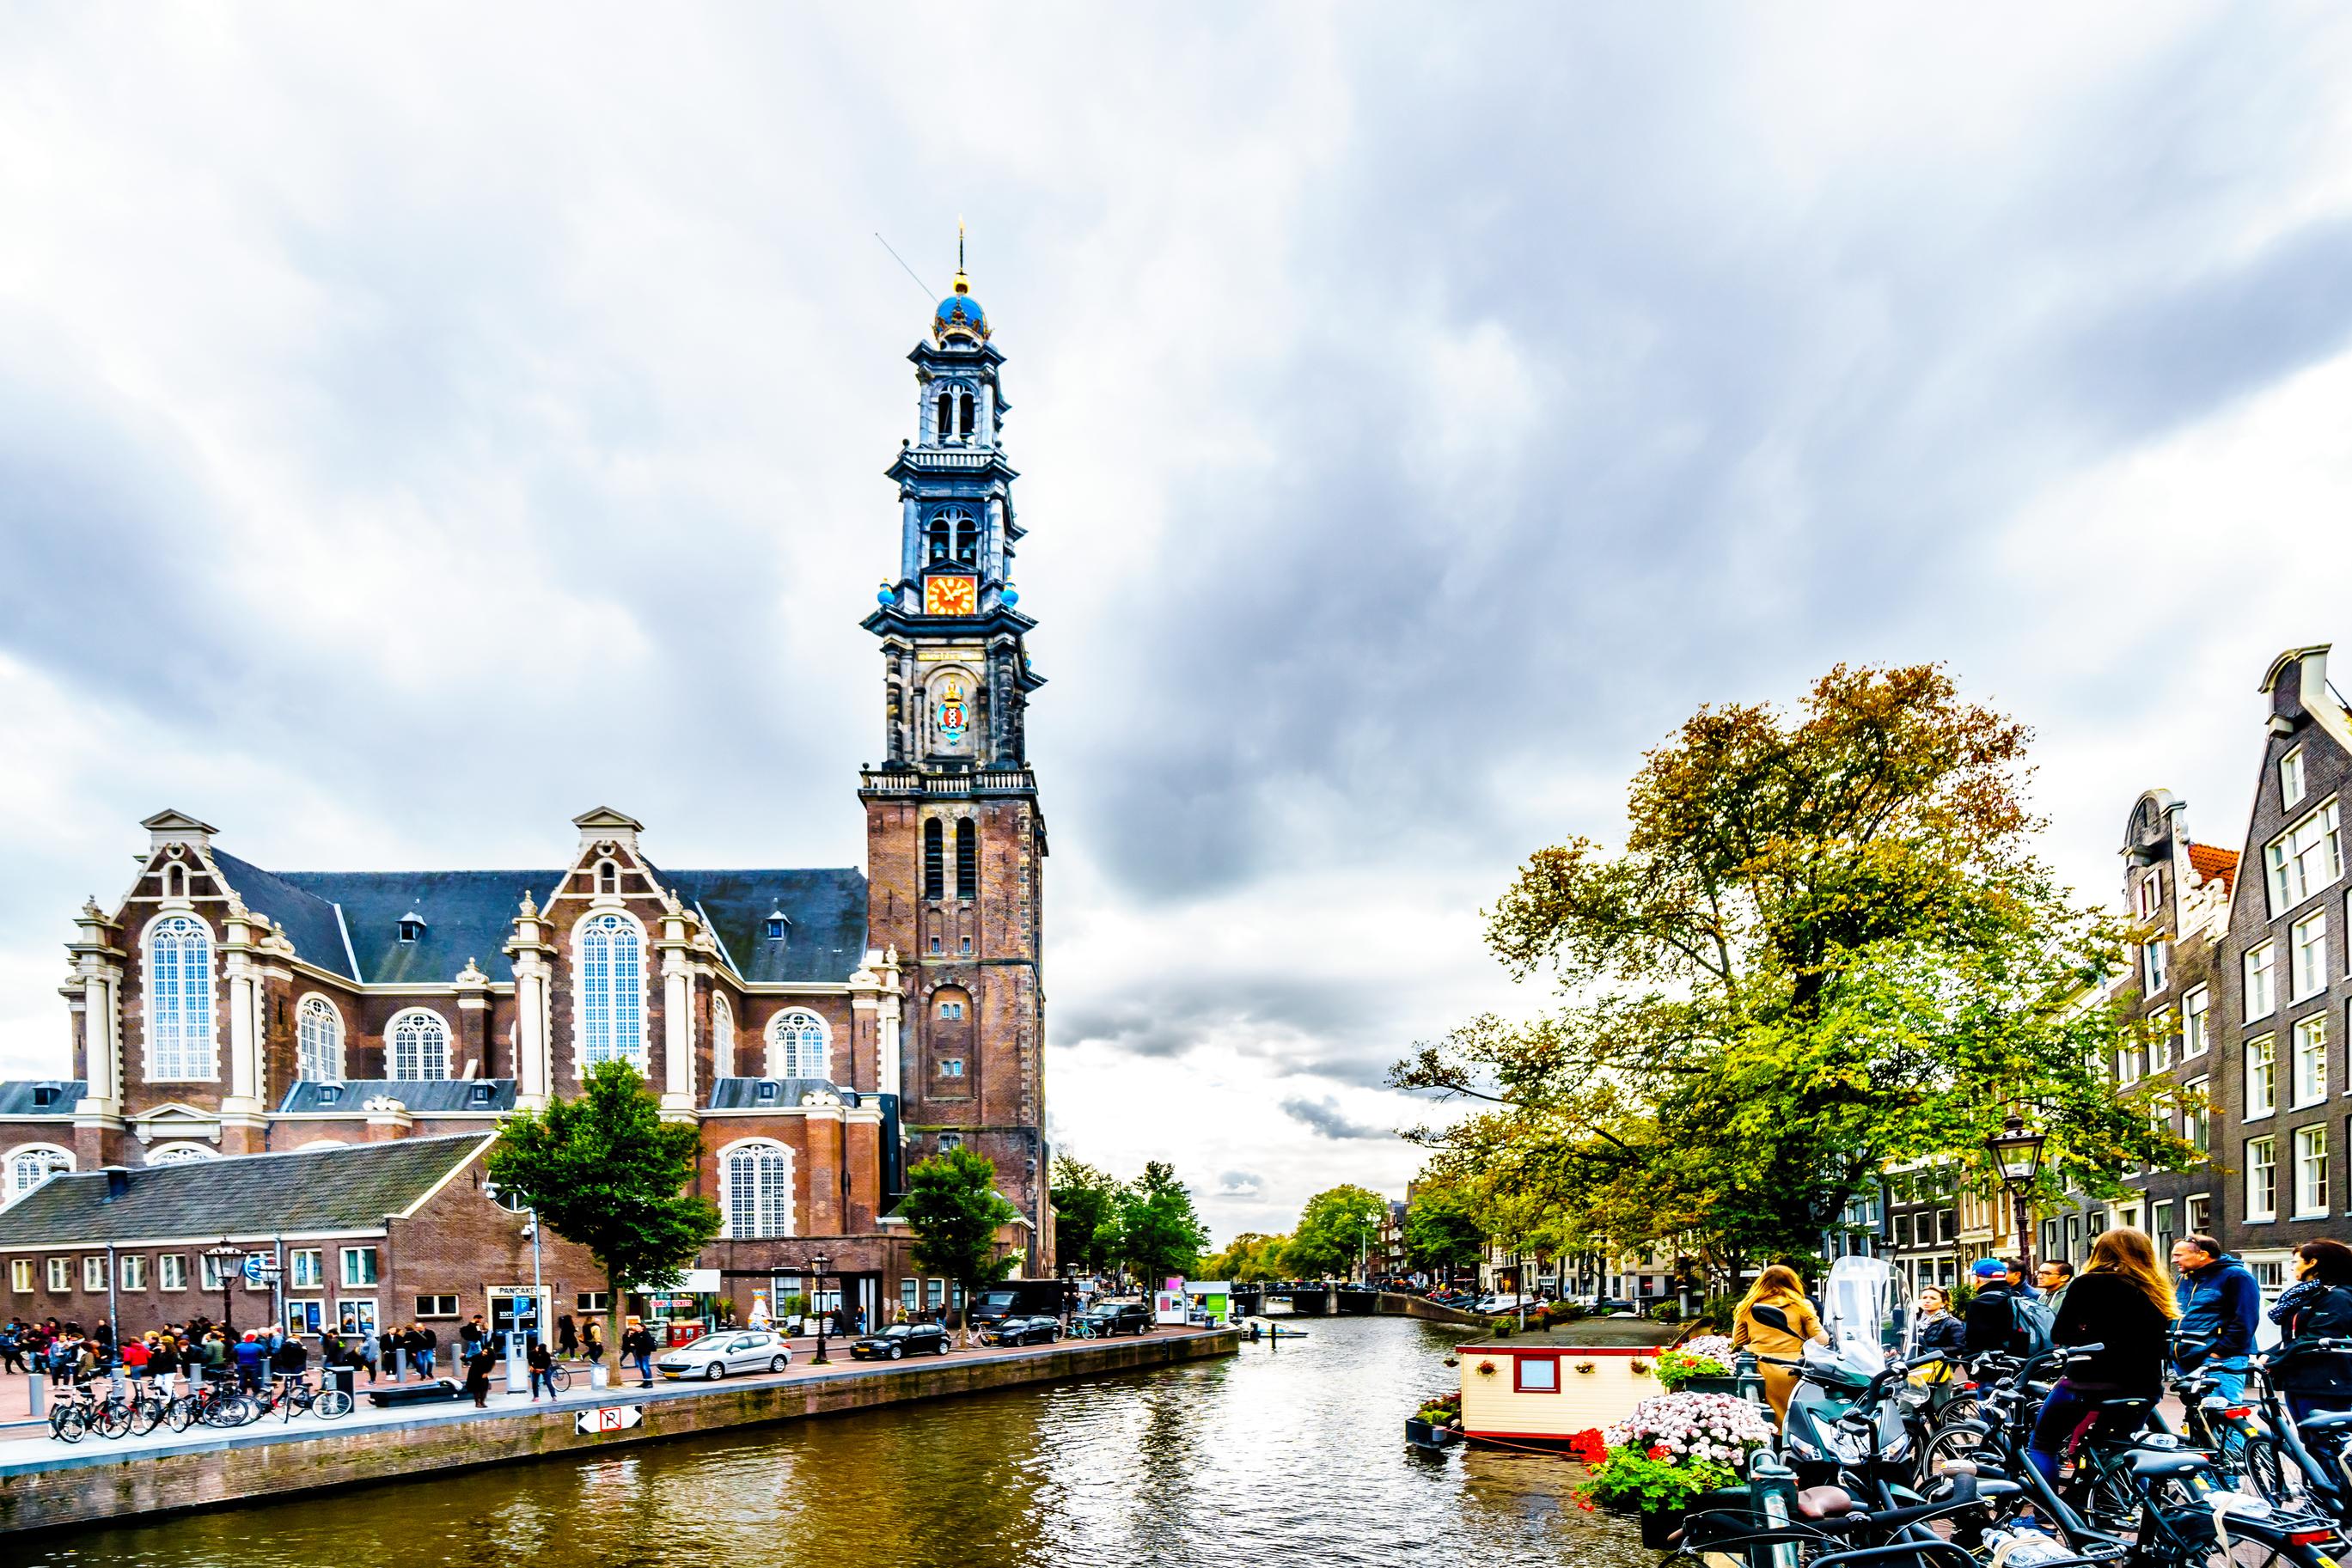 Jordaan-amsterdam-canal-church.jpg?mtime=20190107205741#asset:104369